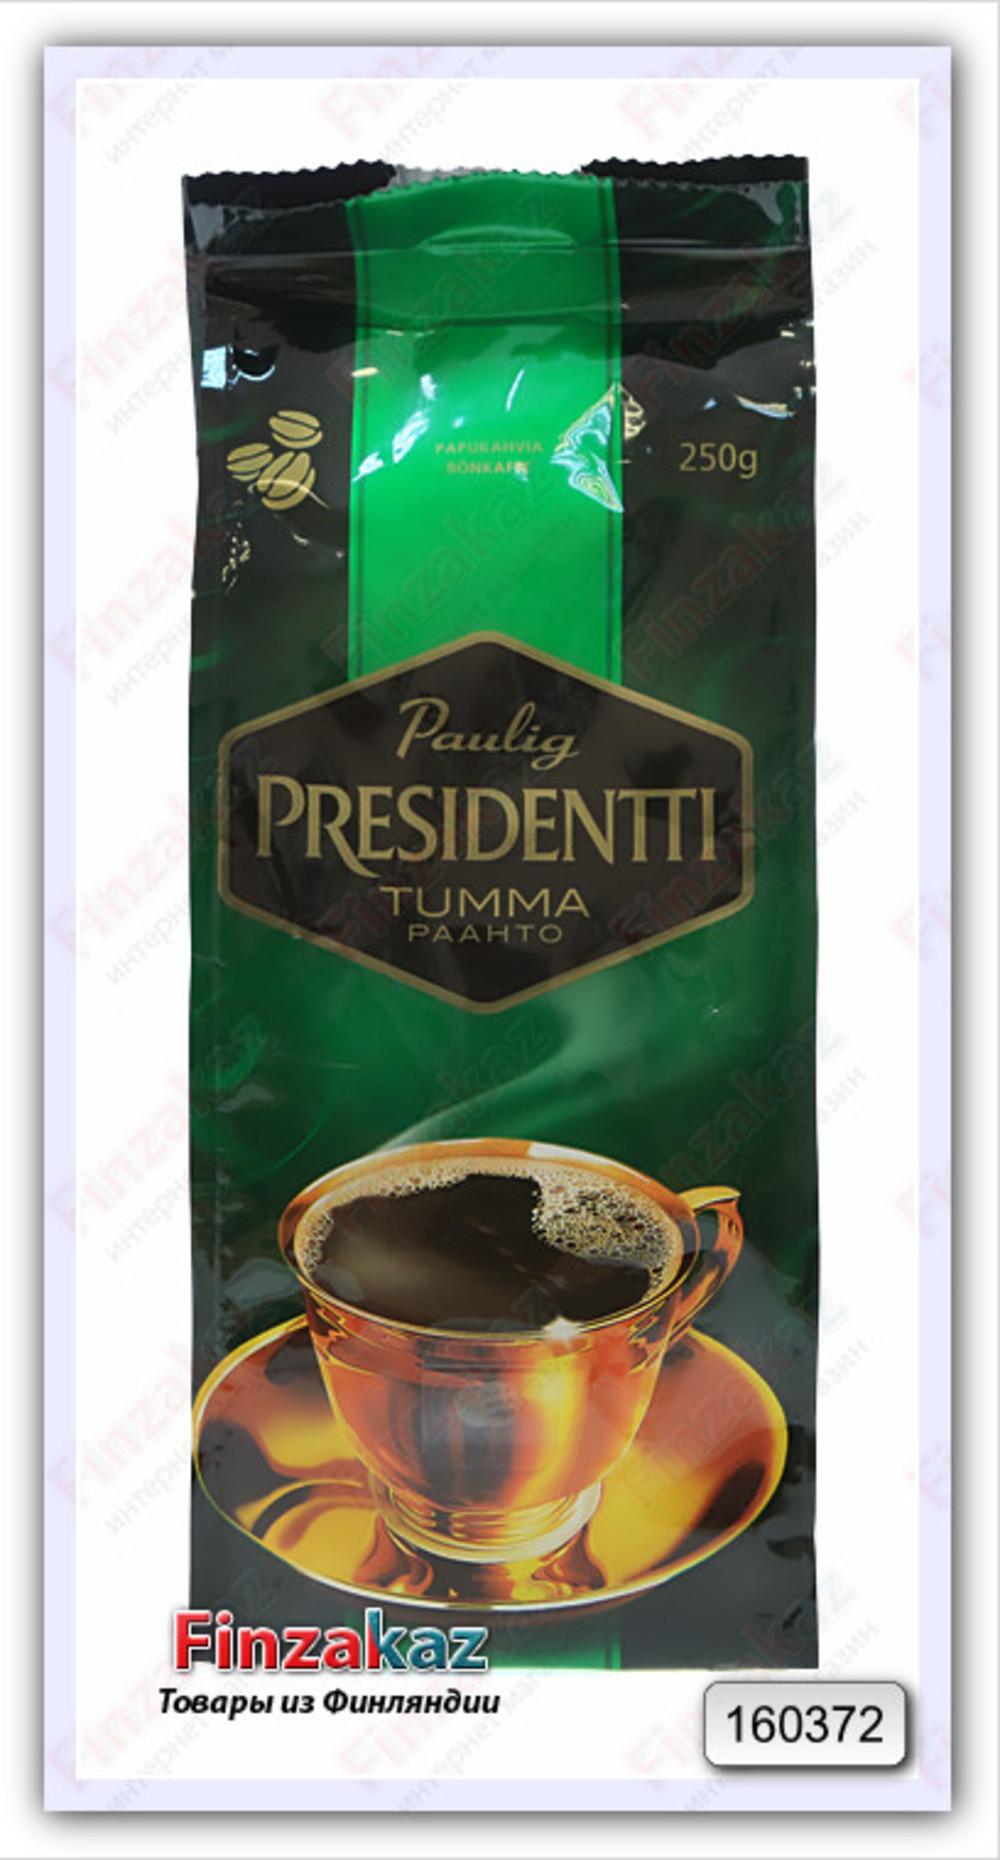 Сбор заказов. Товары из Финляндии. Вкуснейший чай, кофе, продукты питания. Все самое лучшее и полезное. Также бытовая химия, витаминки и еще много-много всего. Июль.